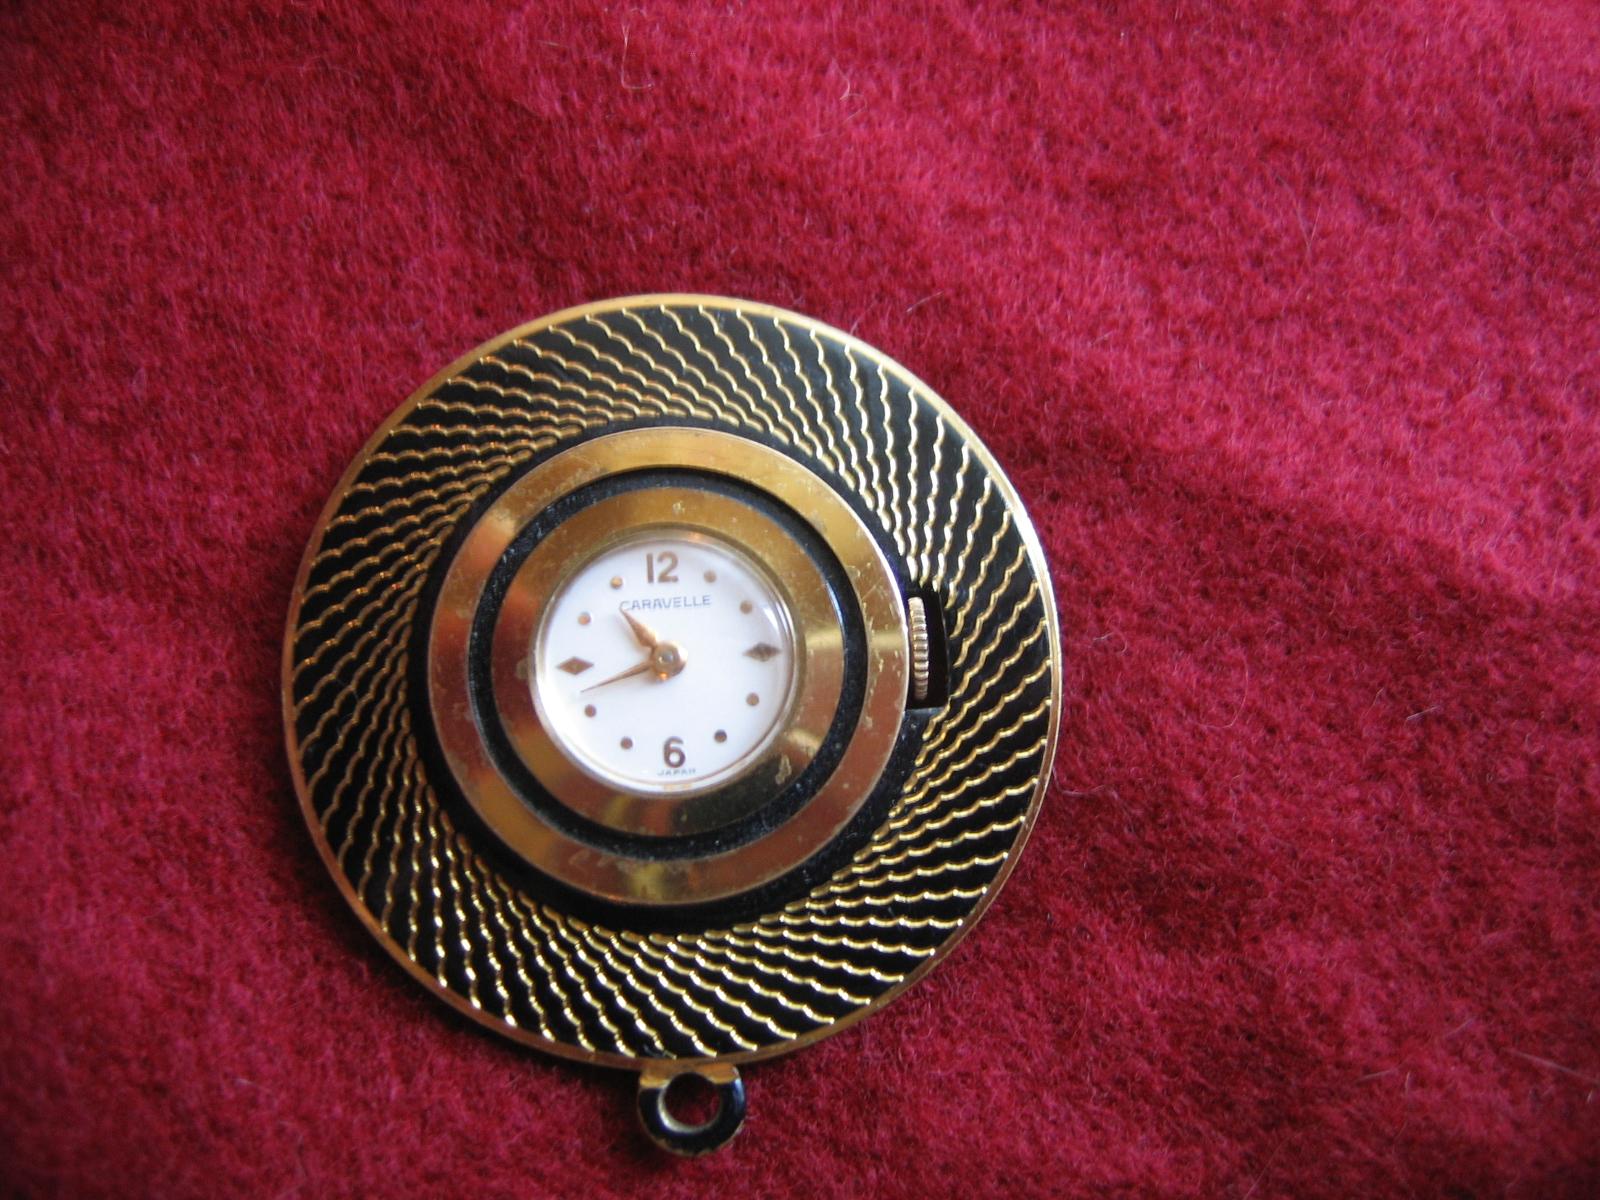 Vintage Ladies Caravelle Wind-Up Brooch Pendant Watch Item